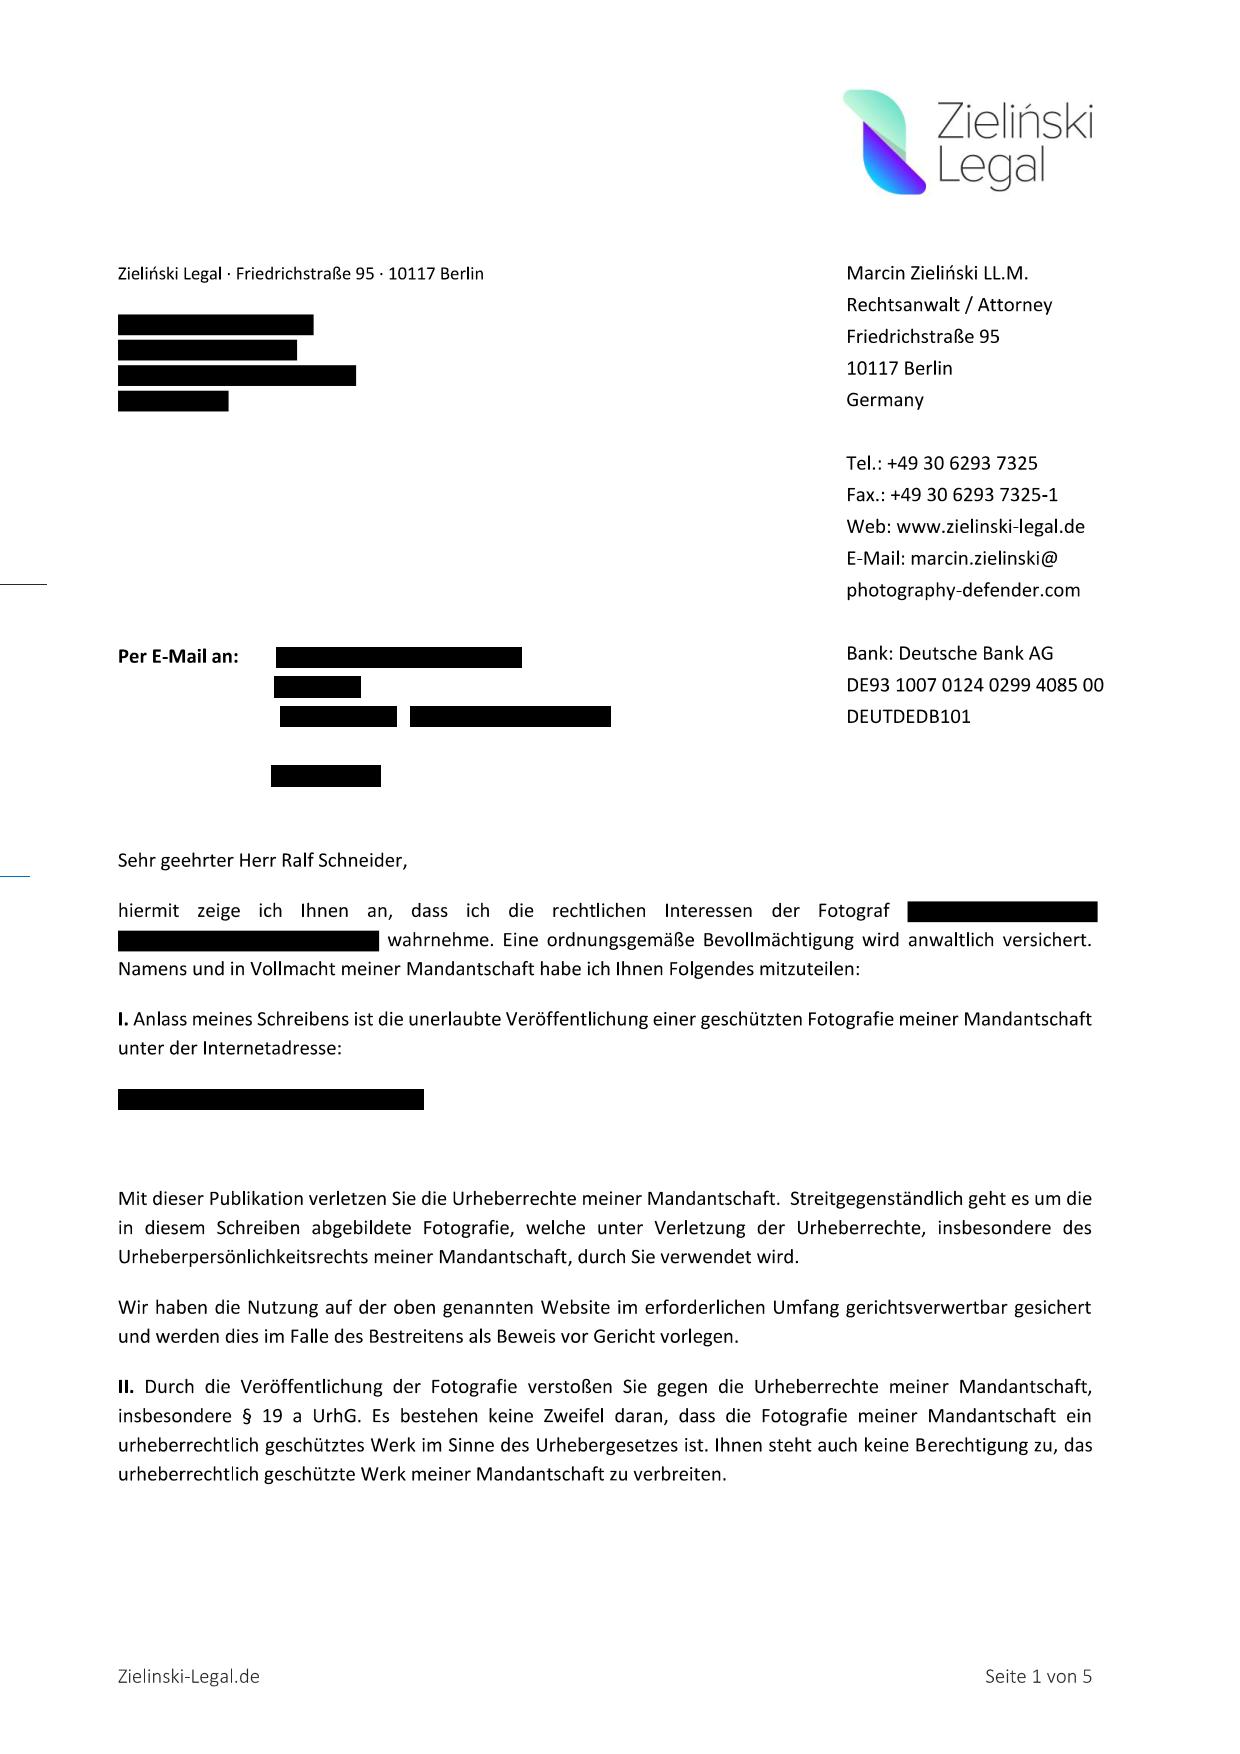 Abmahnung Von Zielinski Legal Erhalten Kostenfreie Erstberatung Mueller Legal Rechtsanwalte